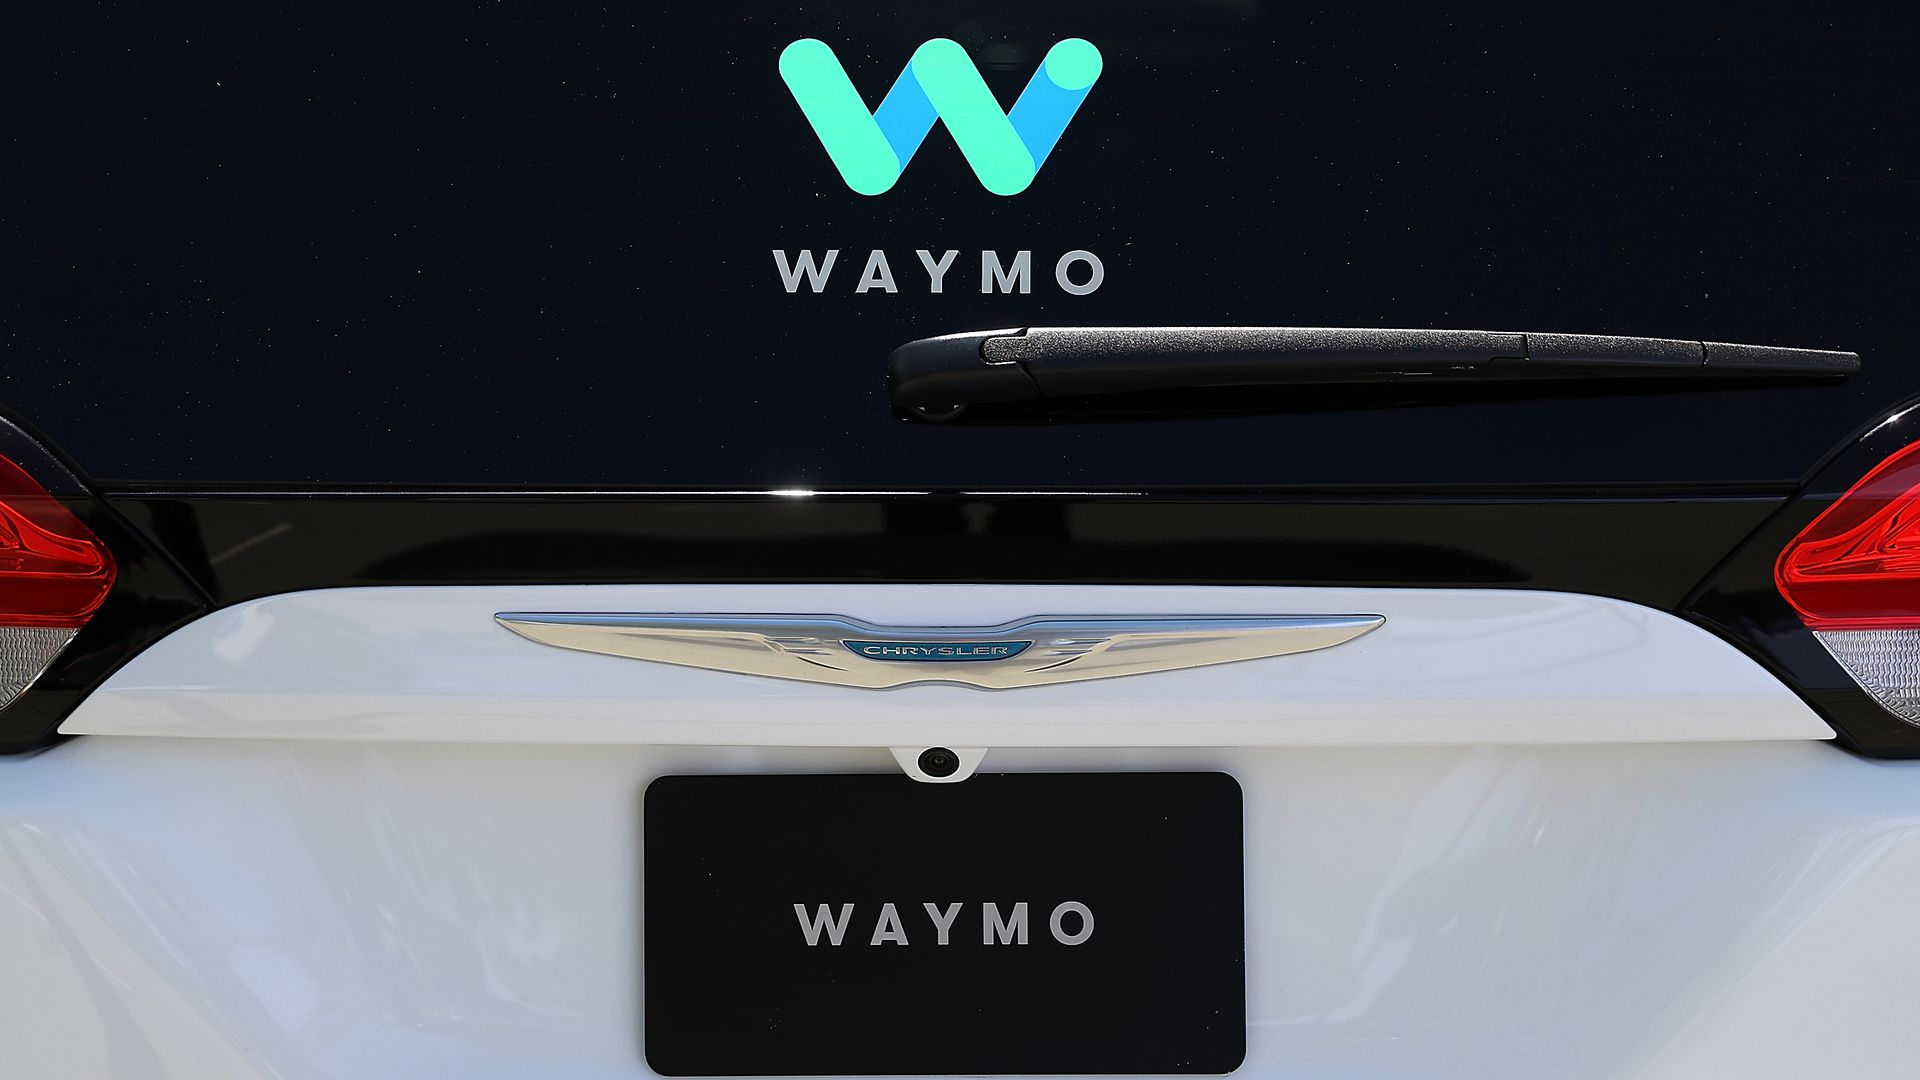 Self-driving cChrysler car Waymo.